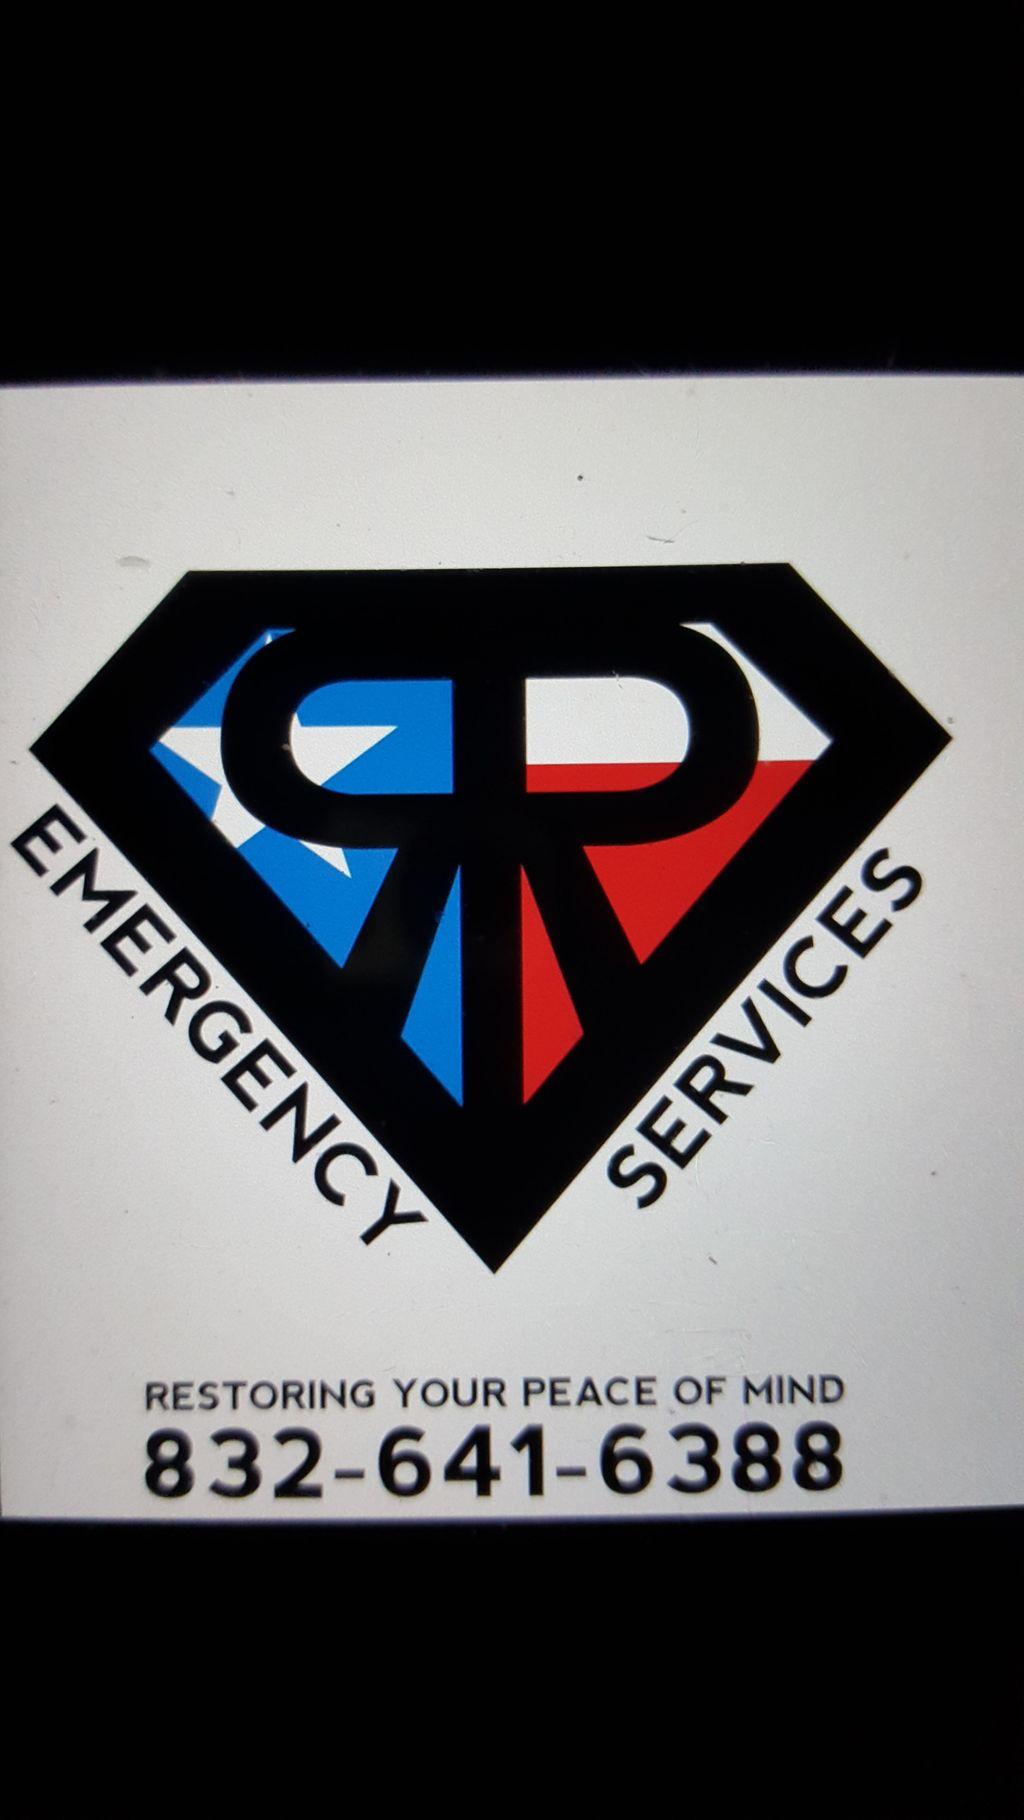 R R Emergency Services